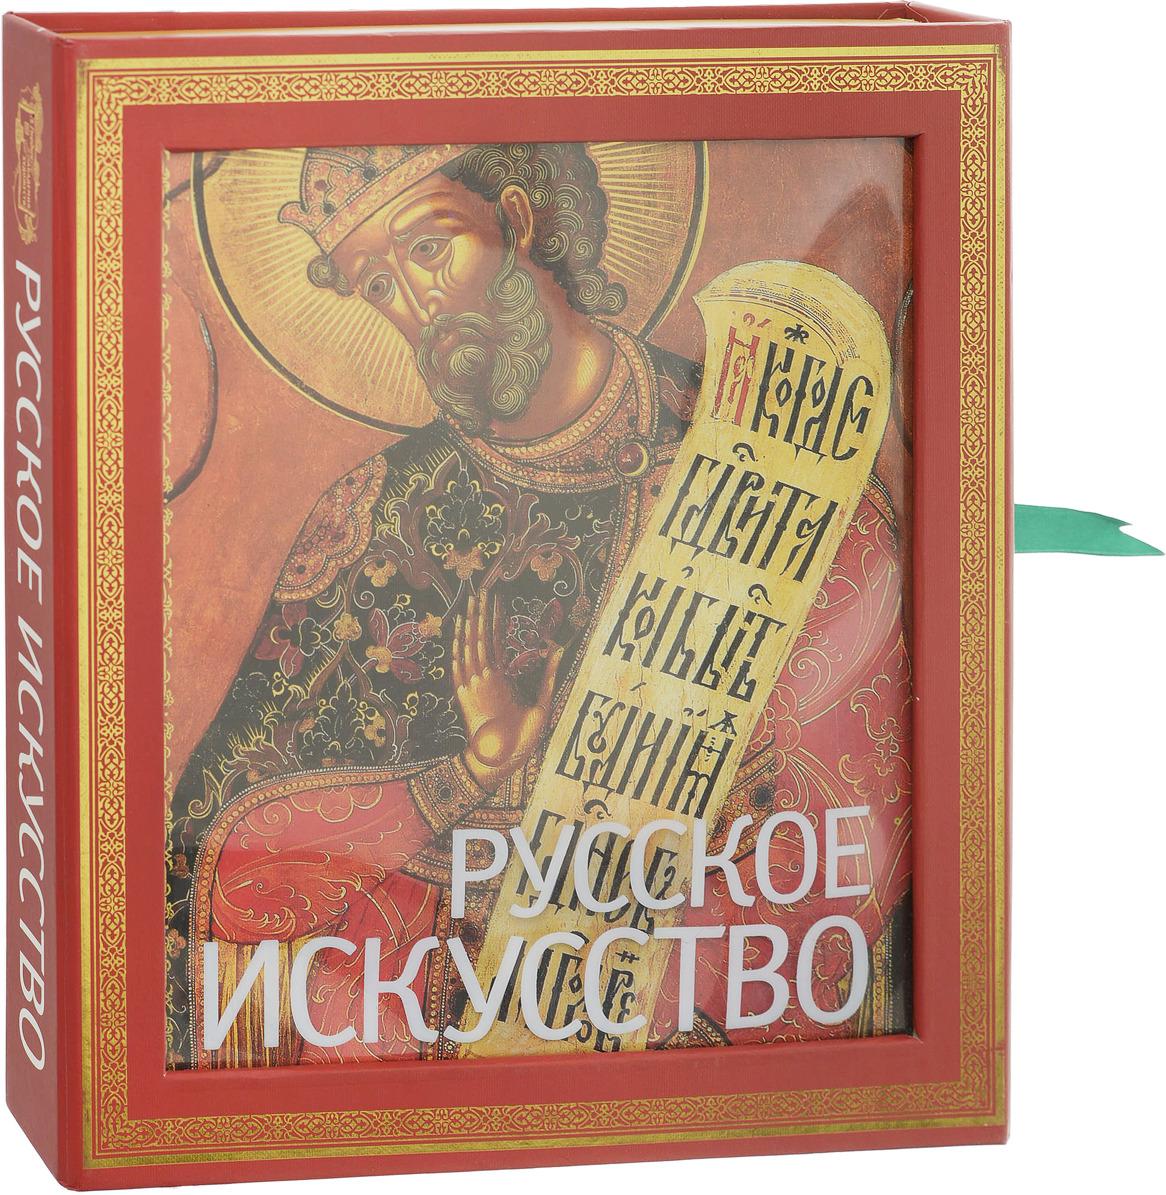 П. Гнедич Русское искусство (подарочное издание) т гейдор п павлинов a раскин москва подарочное издание